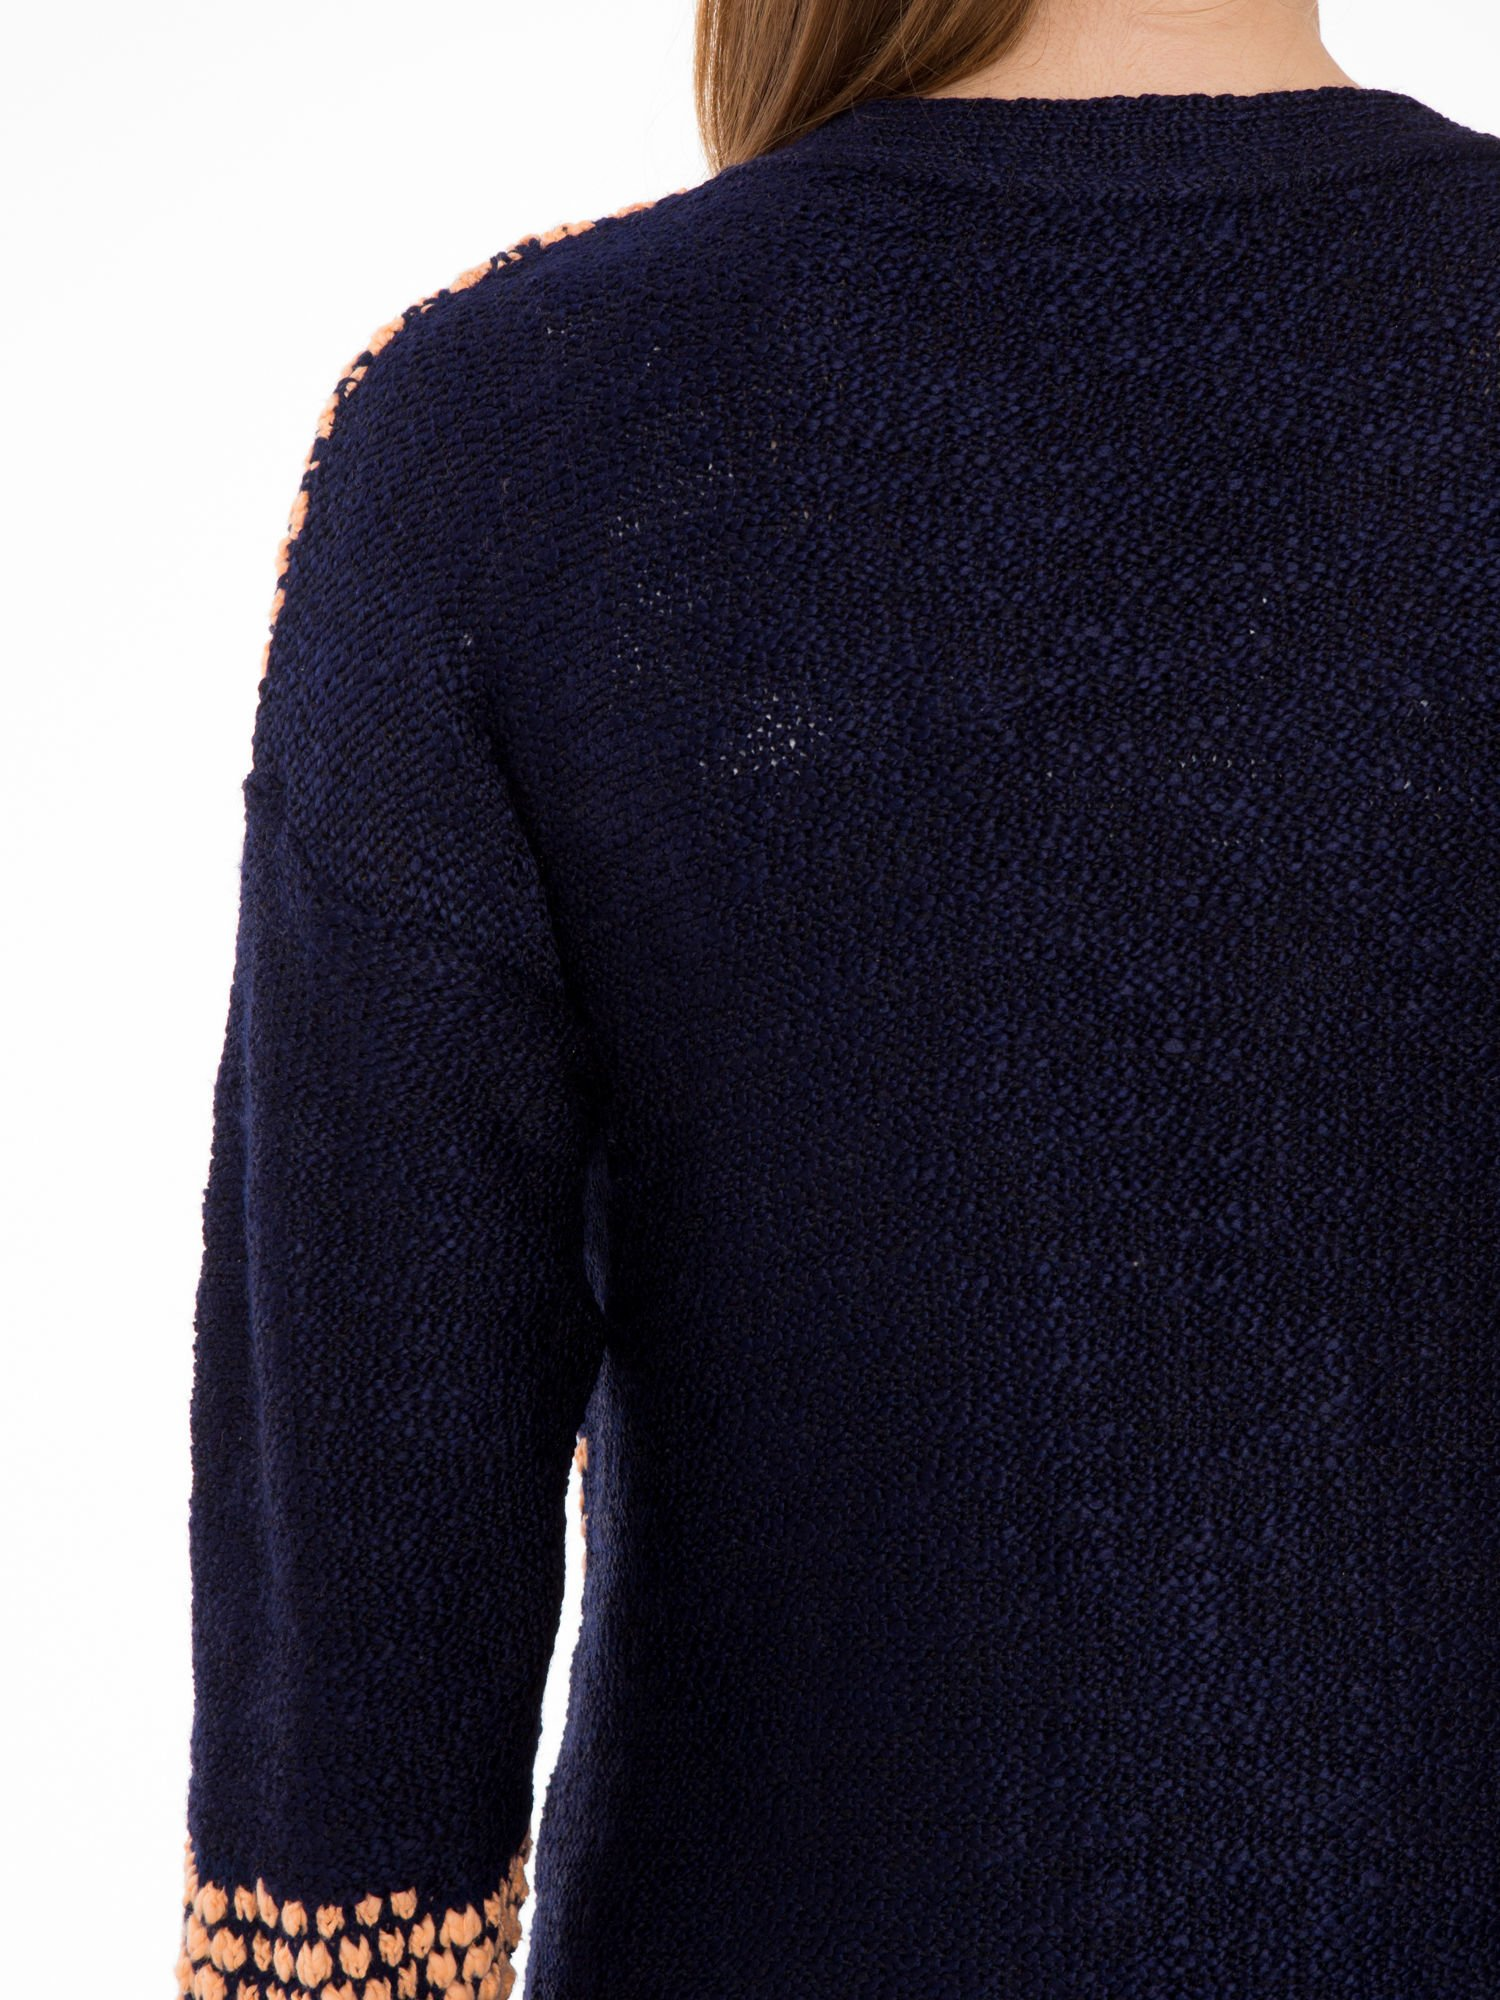 Granatowy sweter typu otwarty kardigan z ozdobnym ściegiem                                  zdj.                                  8